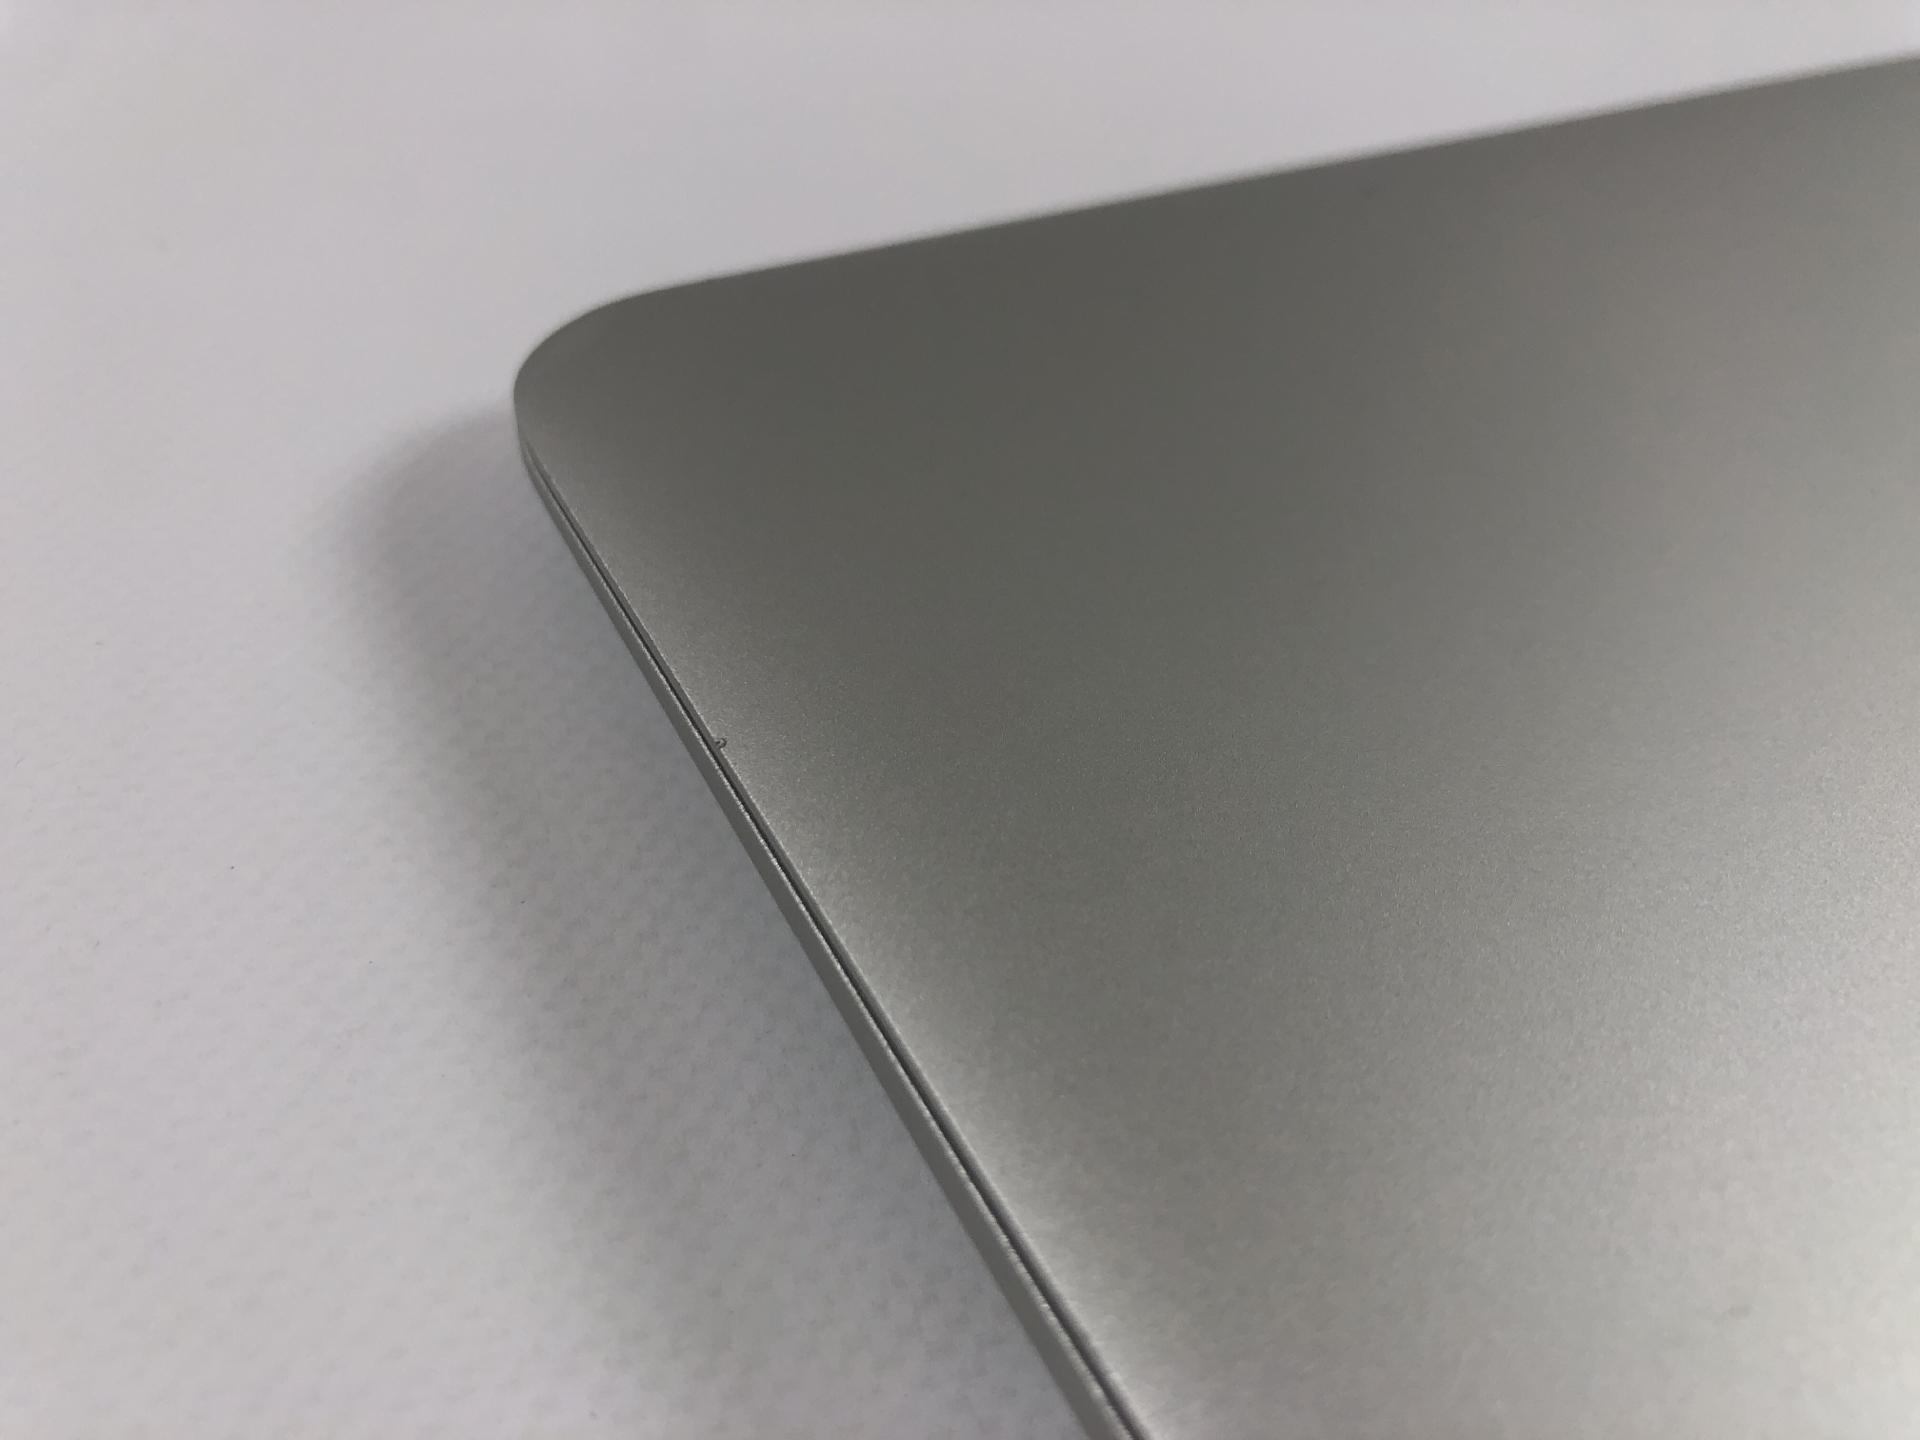 """MacBook Air 13"""" Mid 2013 (Intel Core i7 1.7 GHz 8 GB RAM 256 GB SSD), Intel Core i7 1.7 GHz, 8 GB RAM, 256 GB SSD, Bild 3"""